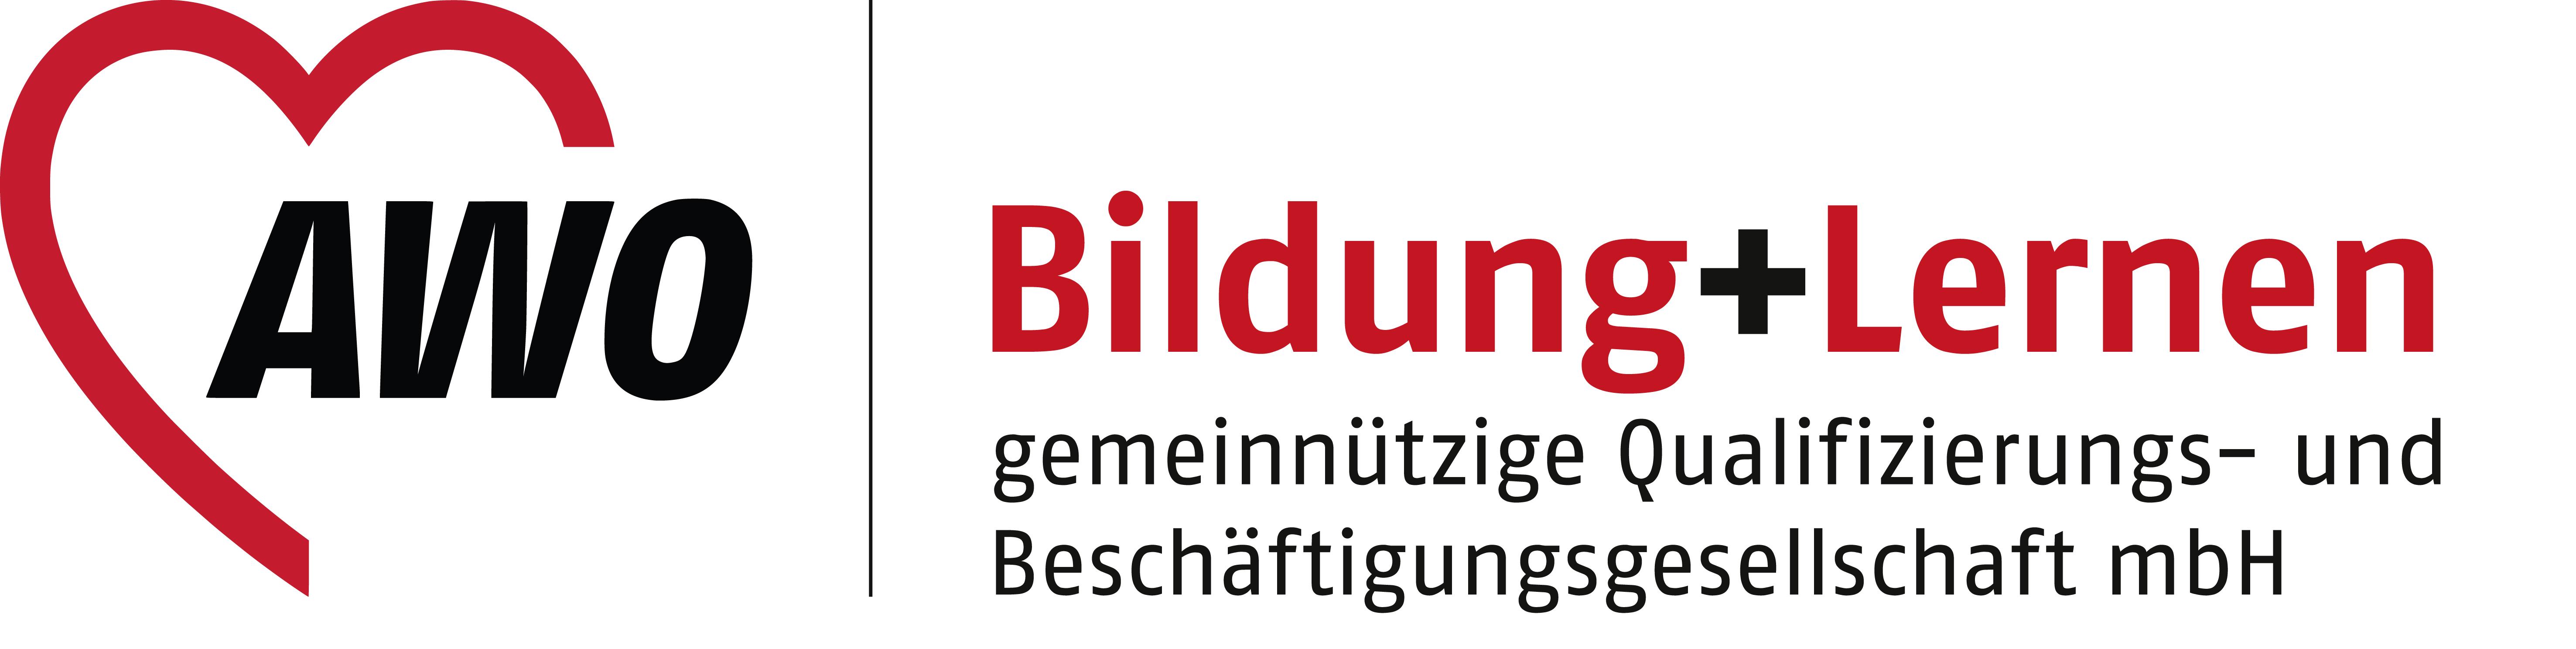 Logo_Bildung_und_Lernen.jpg